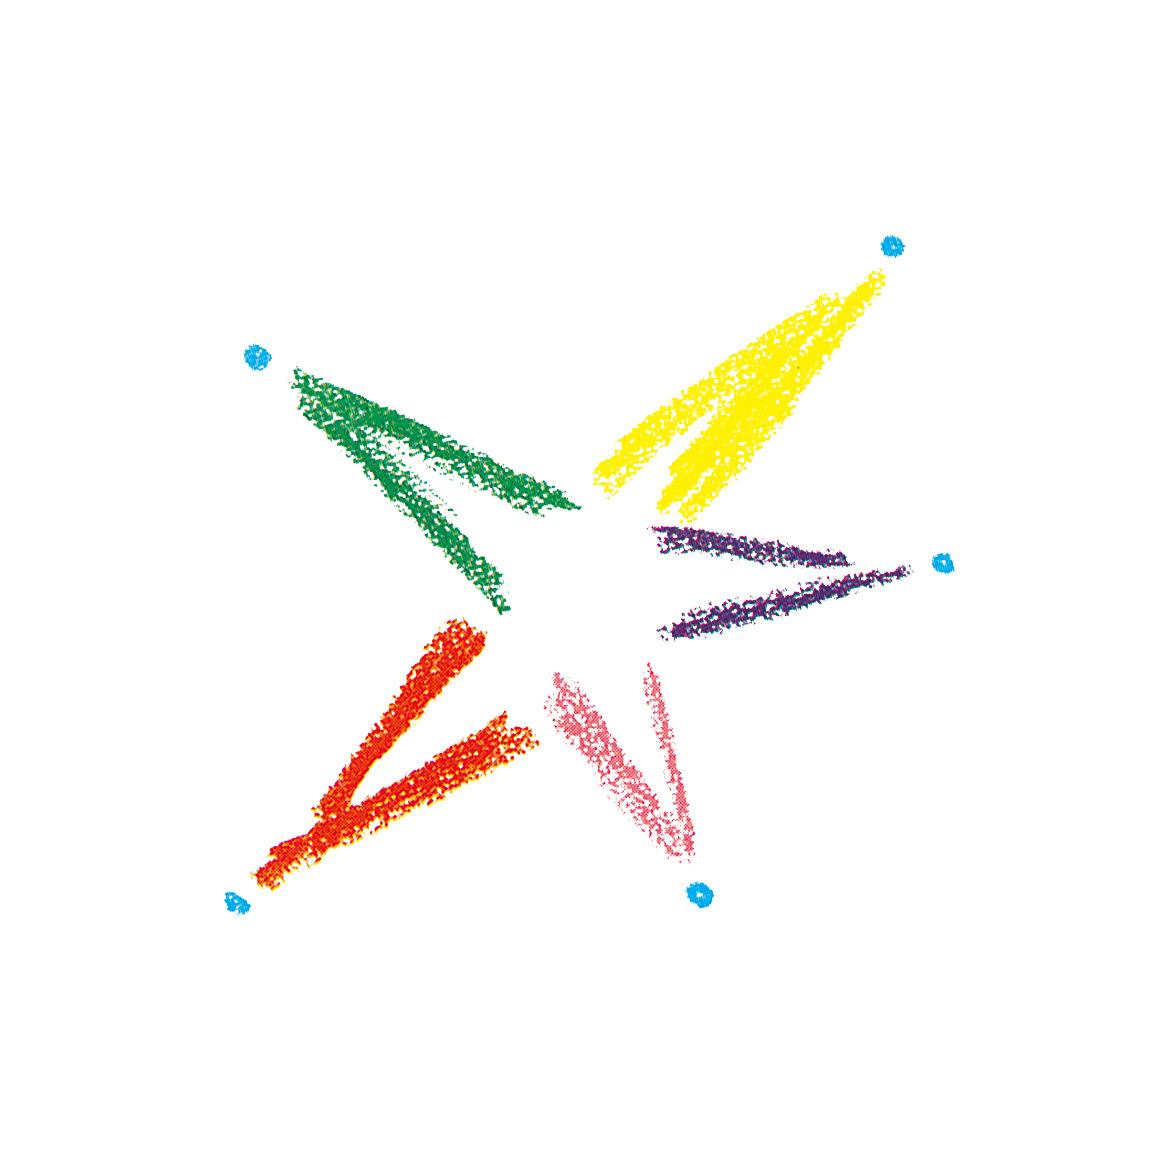 プレミアム会員事務局 電話受付再開および営業時間変更のお知らせ(5/31更新)